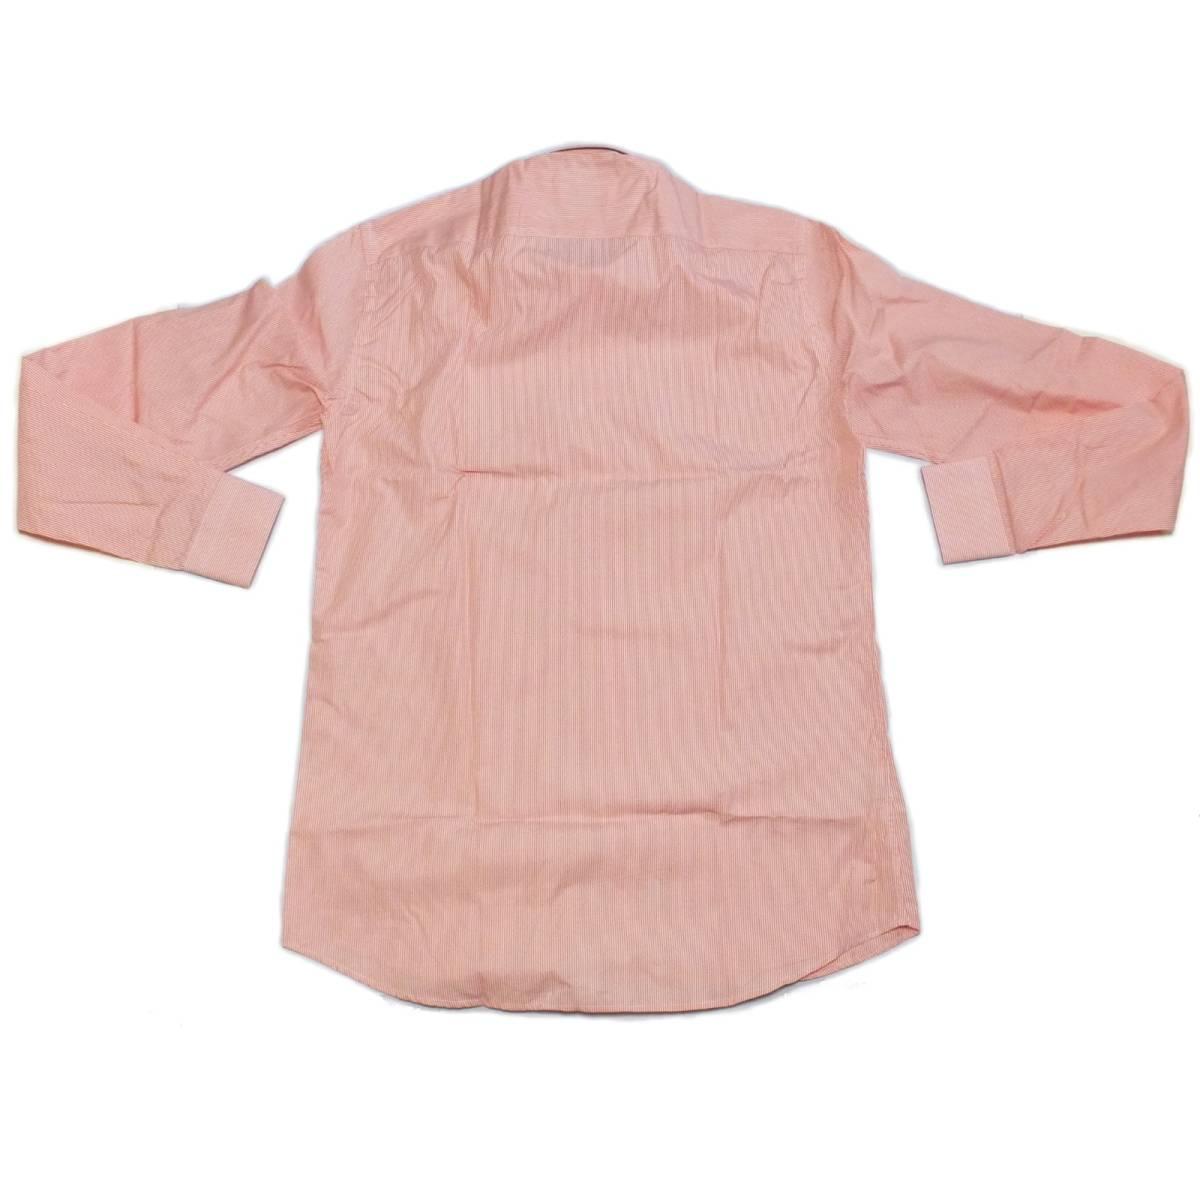 [dickson]サイズ38:ドレスシャツ メンズ 白xオレンジのヘアラインストライプ 長袖 コットン ワイシャツ Canclini_画像4